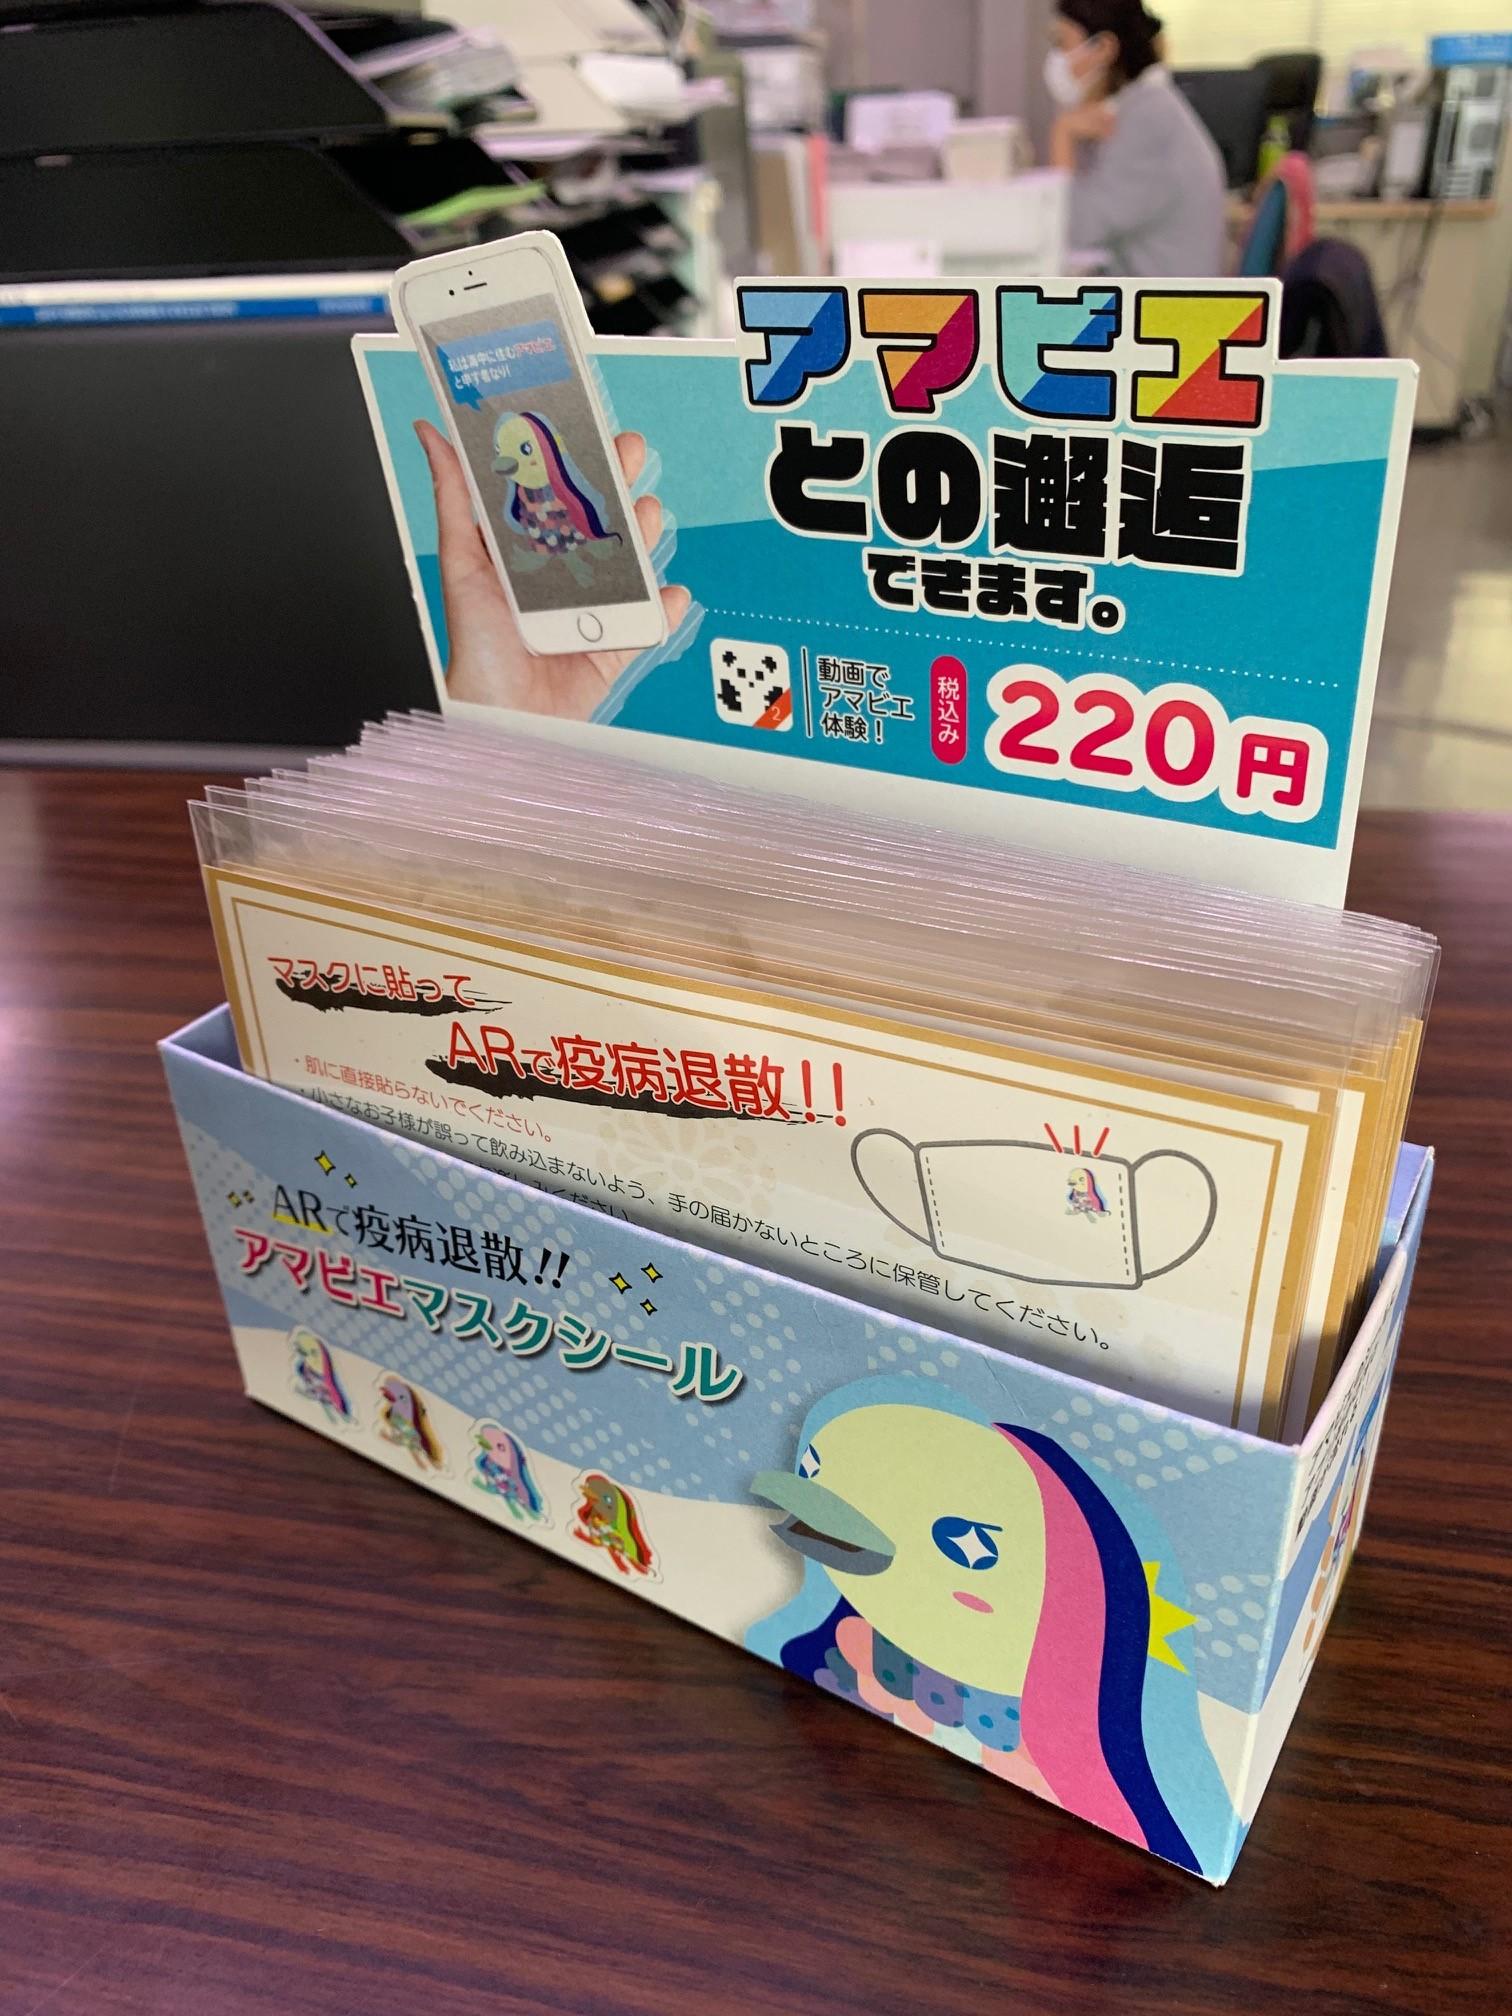 アマビエシール販売用BOX